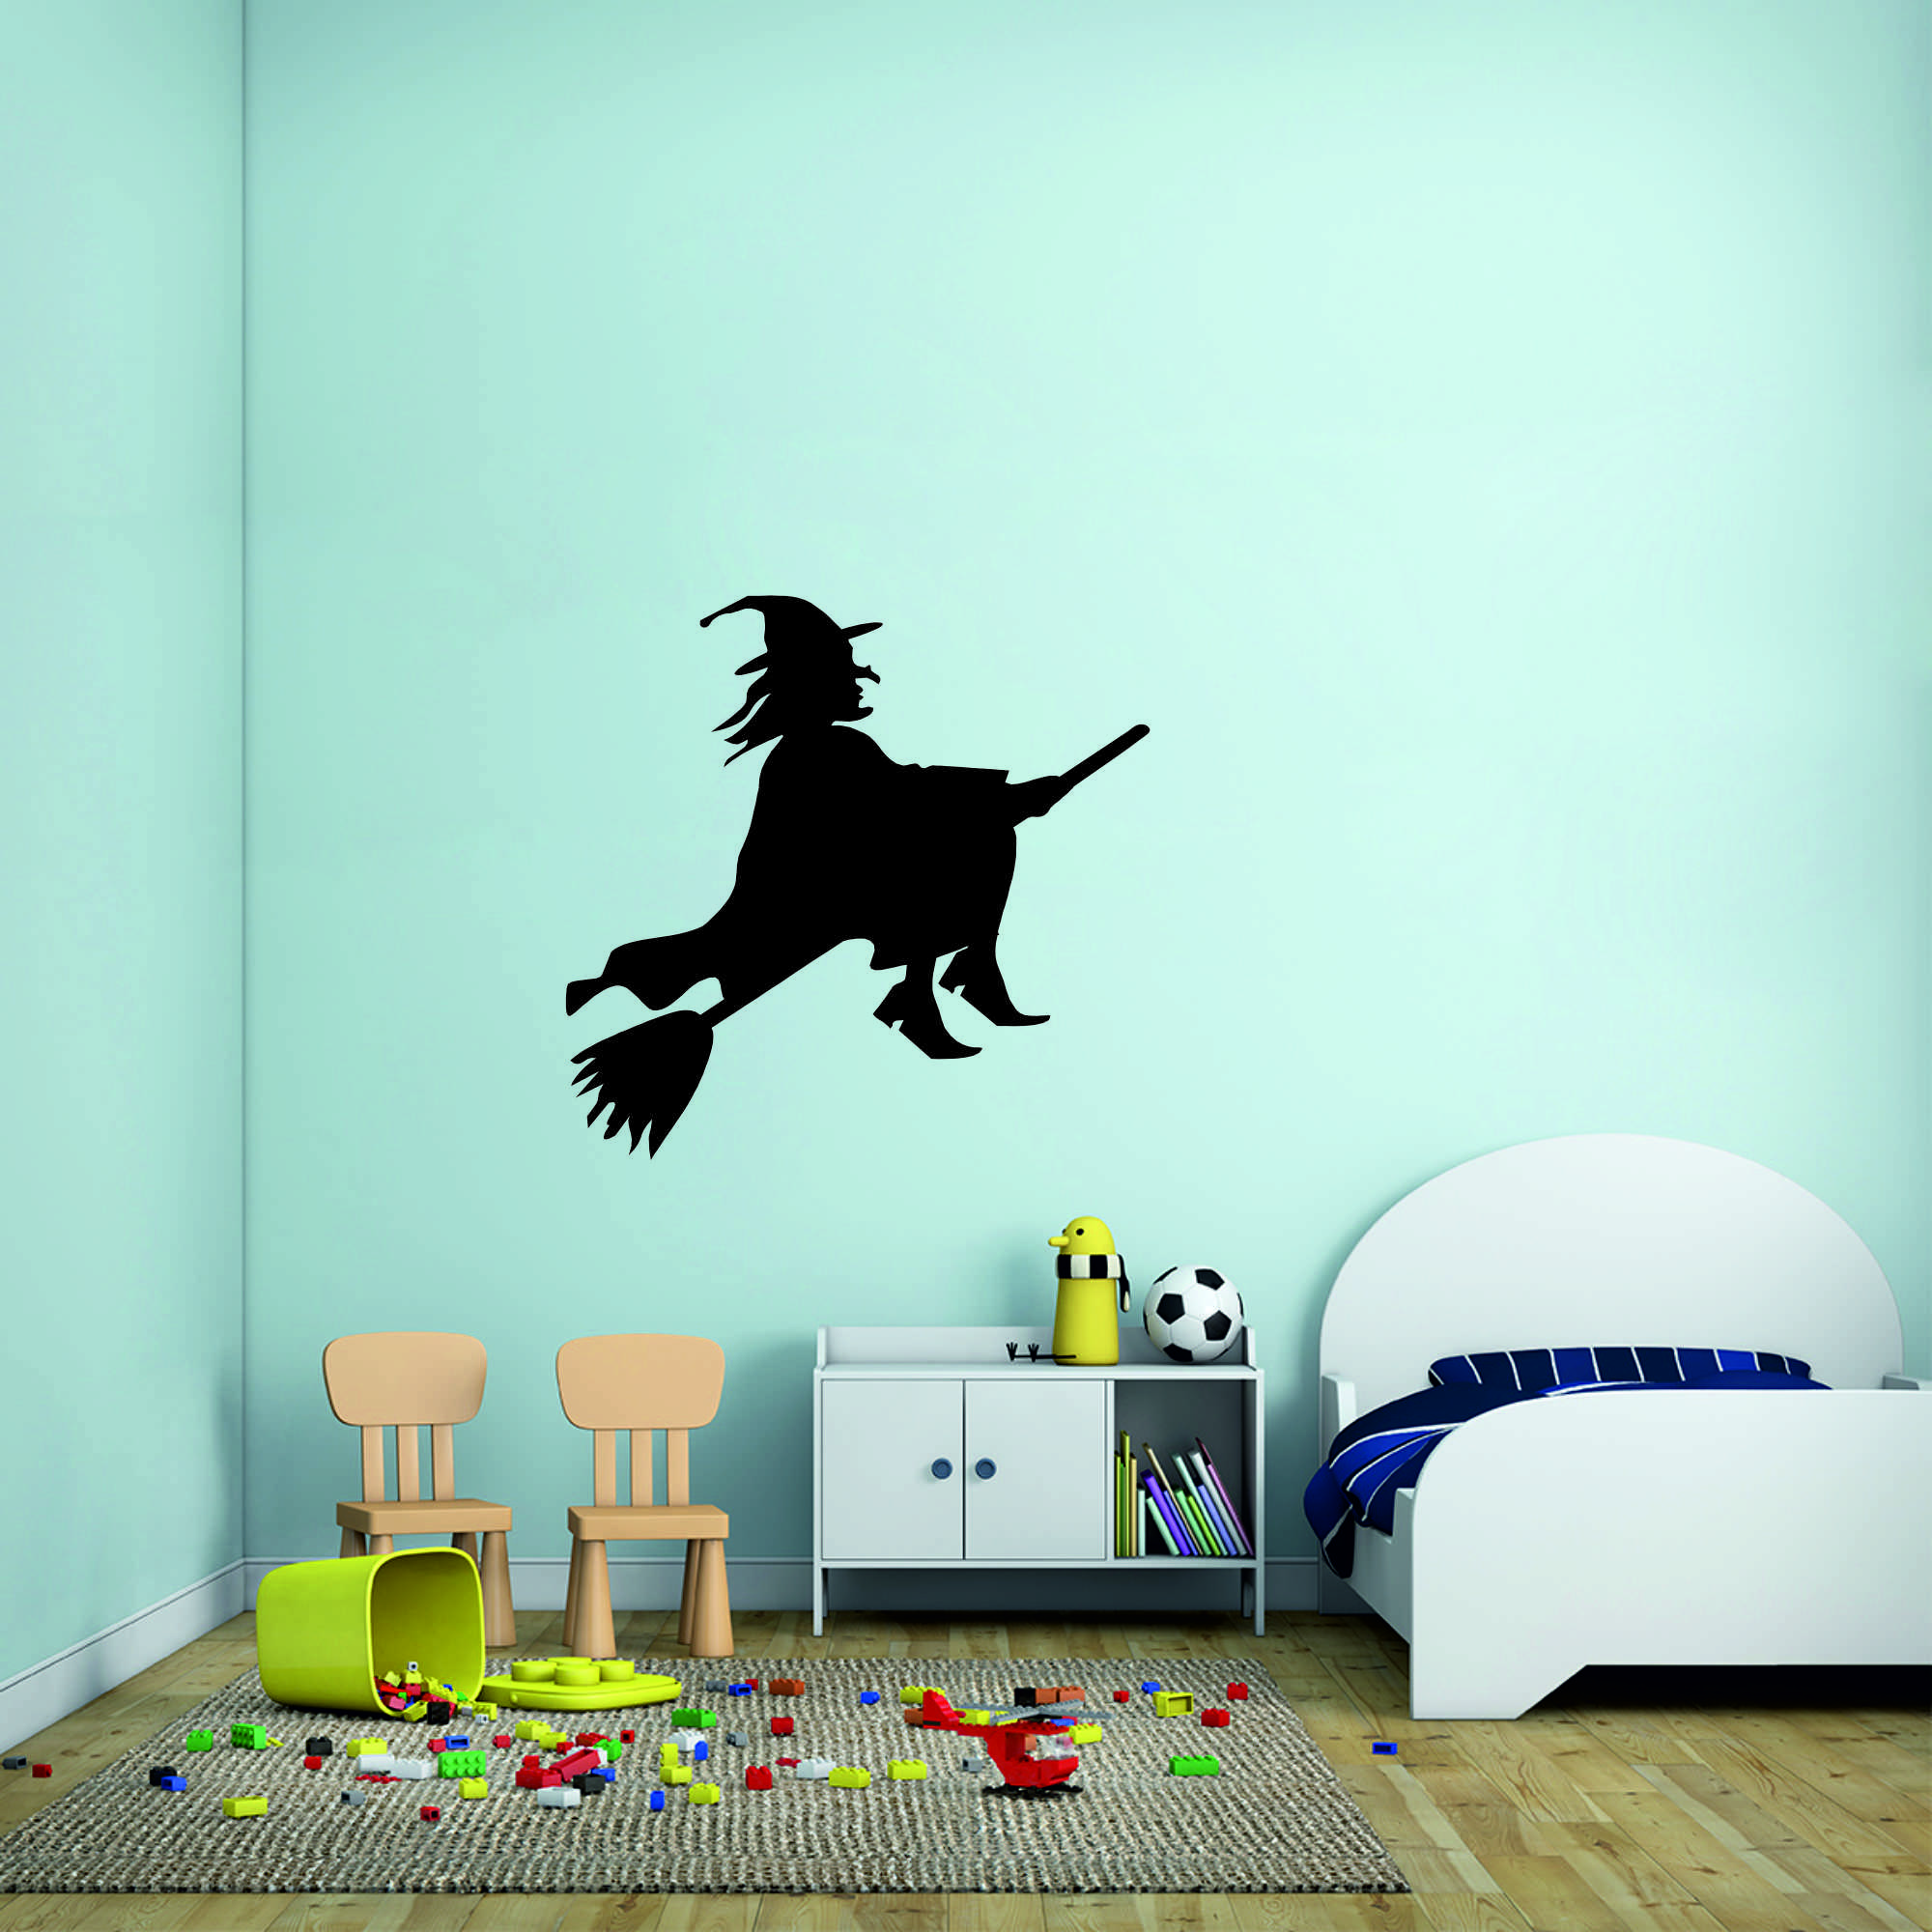 Samolepka na zeď - Čarodějnice - 95x92 cm - PopyDesign